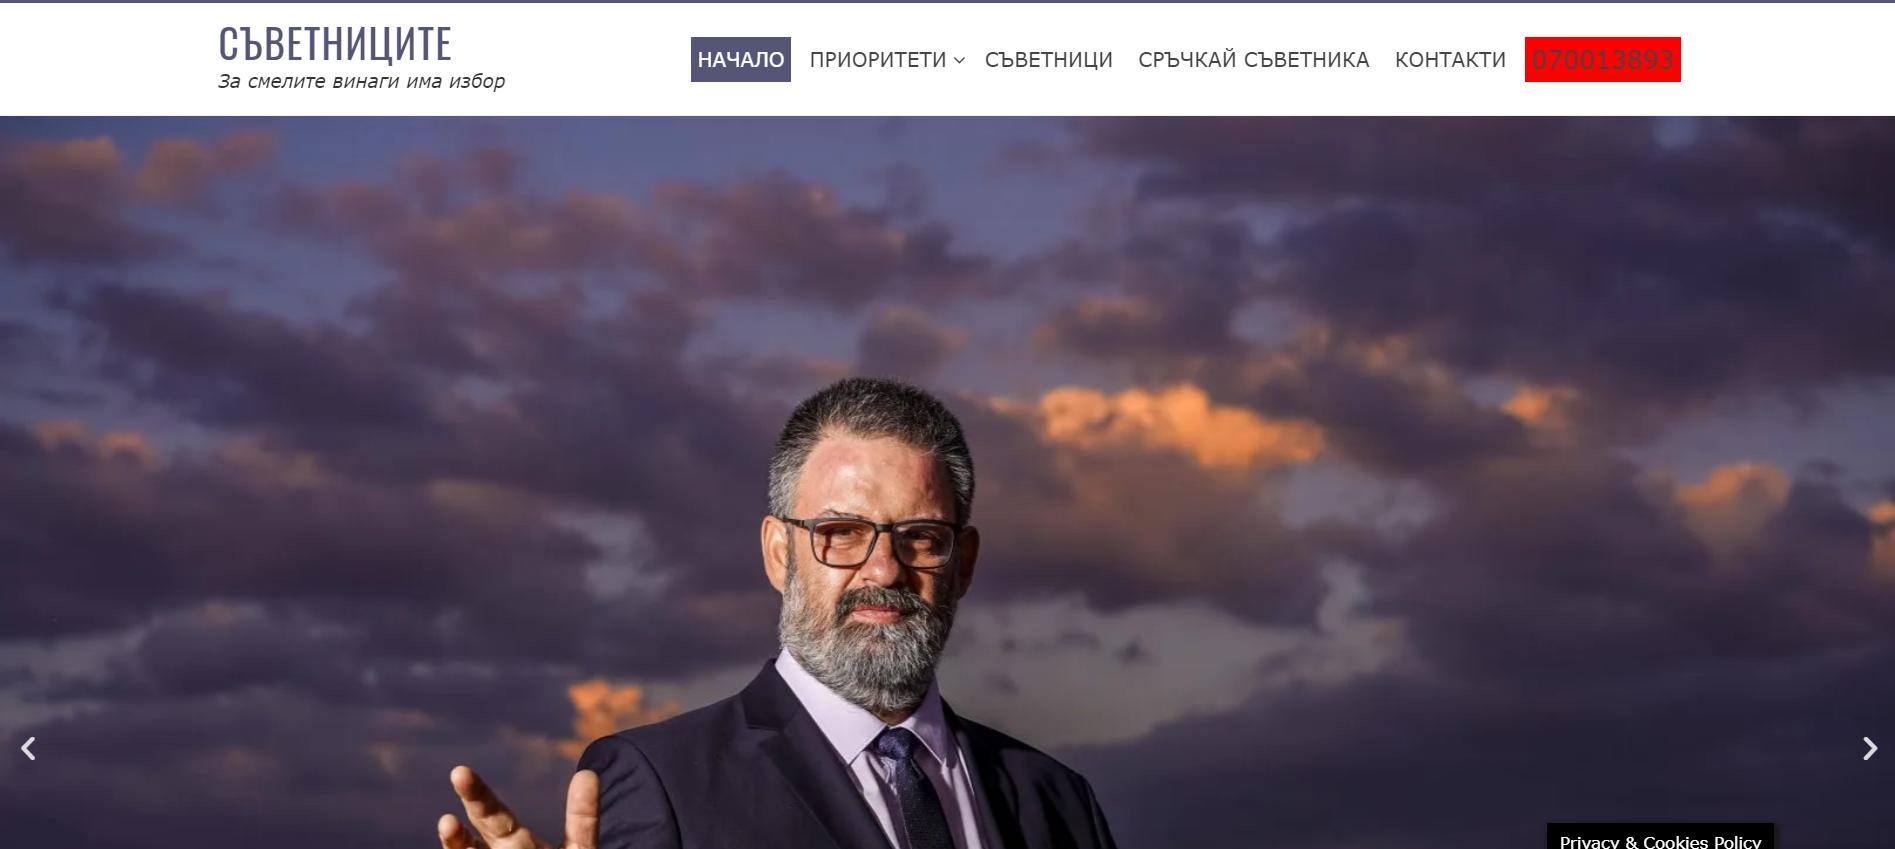 savetnicite-shumen-website-image